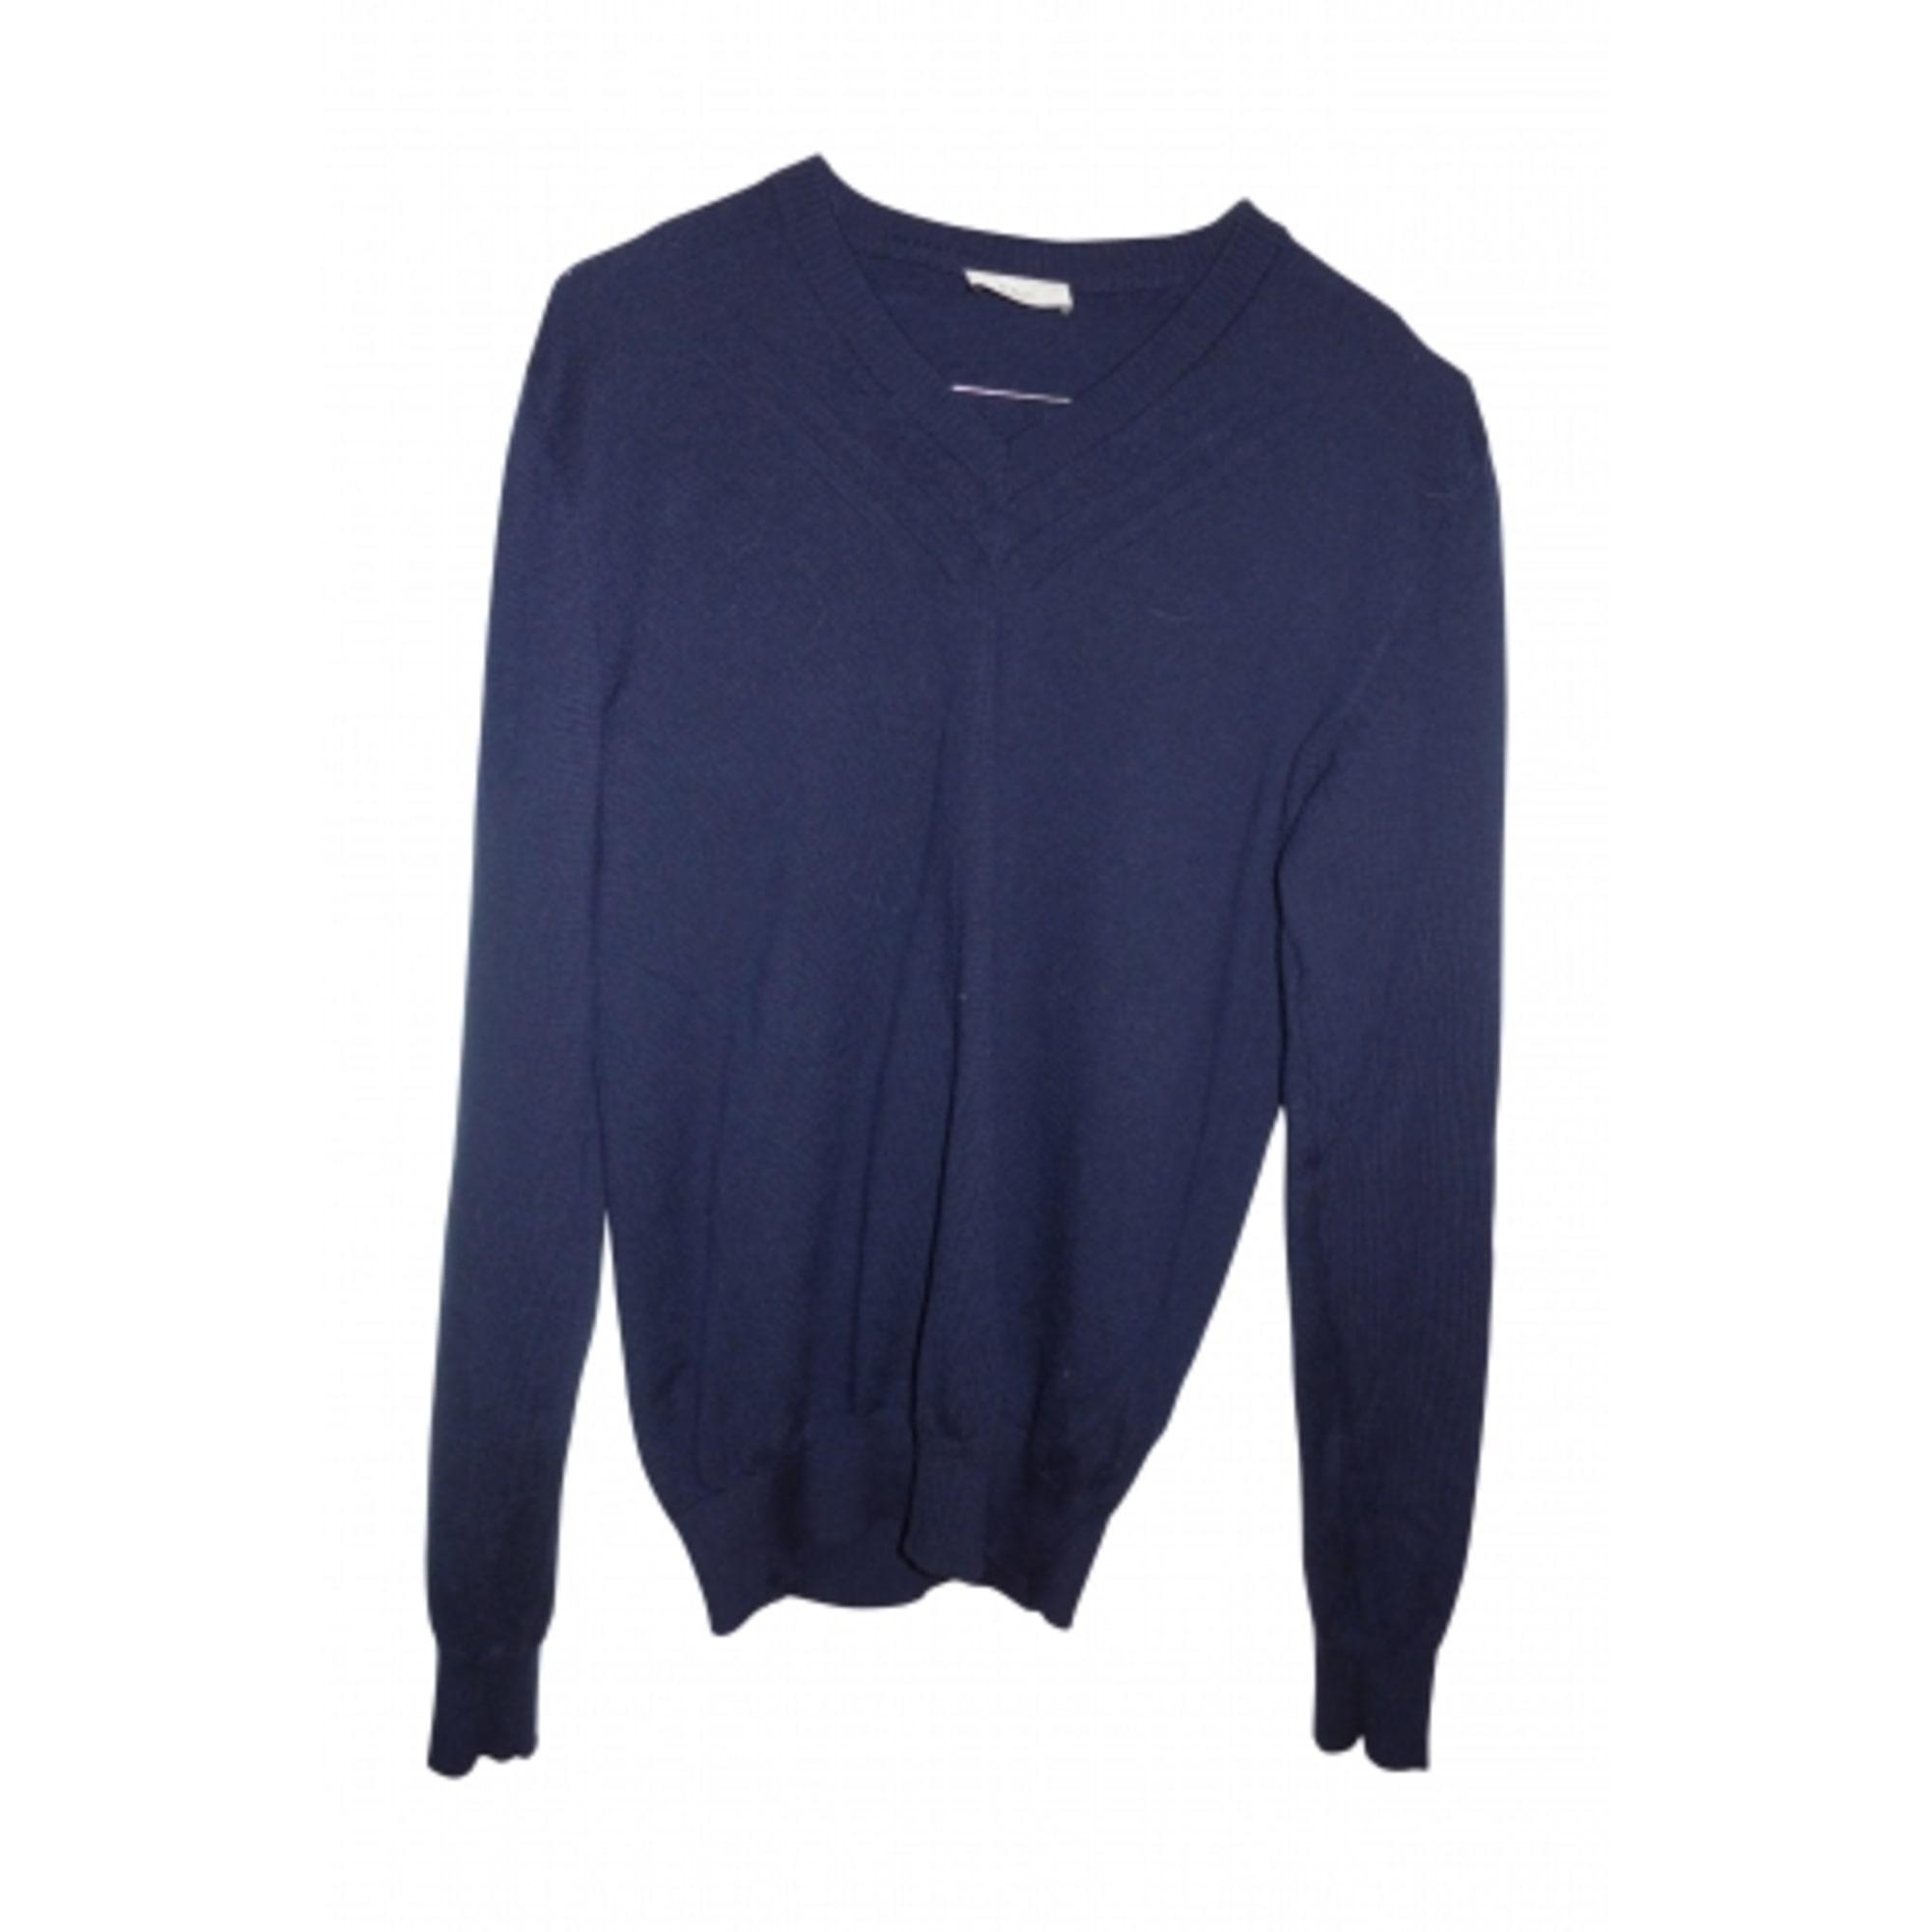 Pull DIOR HOMME 1 (S) bleu vendu par Pascale 1982477267 - 1566521 0c1ae2f4c9e